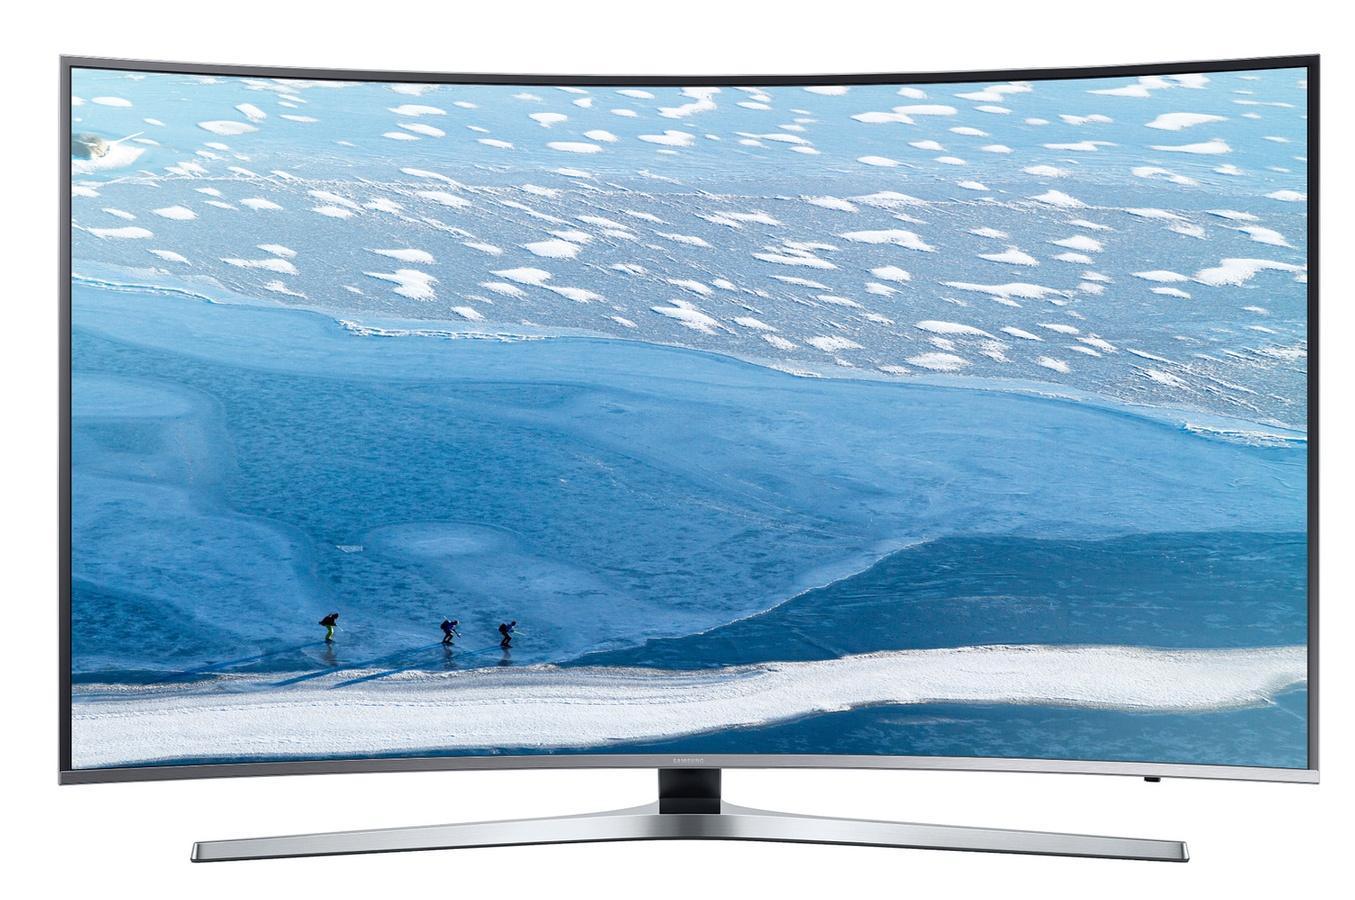 """Sélection d'offres promotionnelles pour la reprise de votre ancien matériel  - Ex : TV 43"""" Samsung  UE43KU6670 C 4K UHD (via ODR 70€ +  reprise de votre ancien matériel)"""